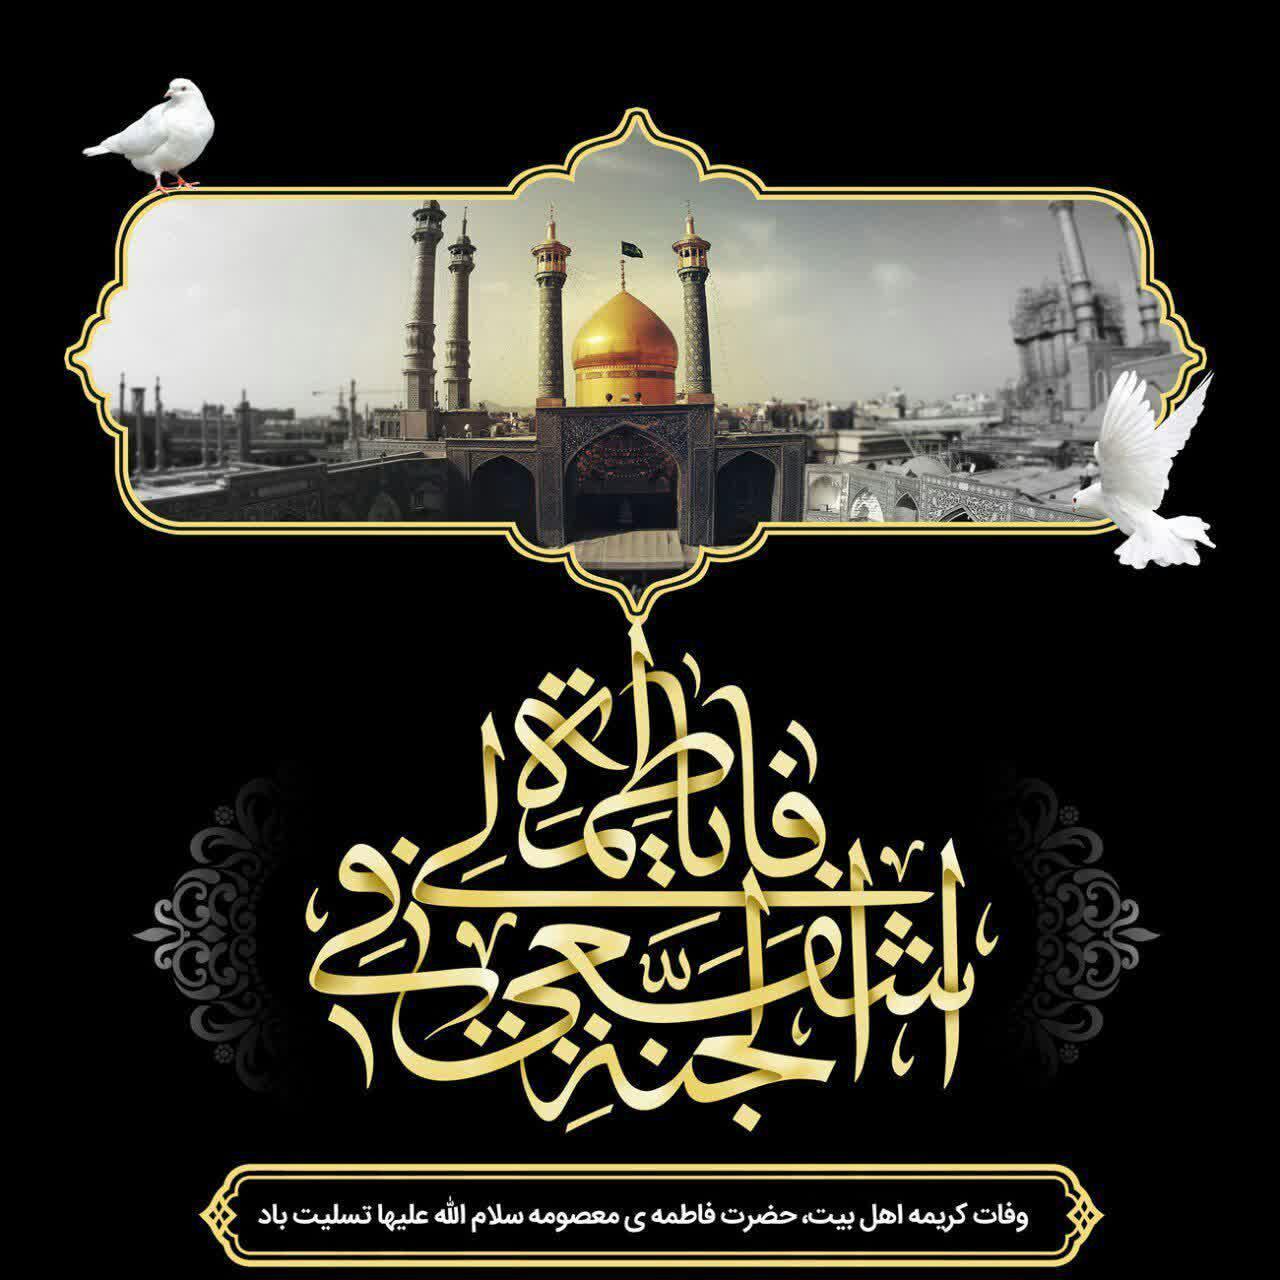 زیباترین تصویرنوشته ها به مناسبت وفات حضرت معصومه (س)